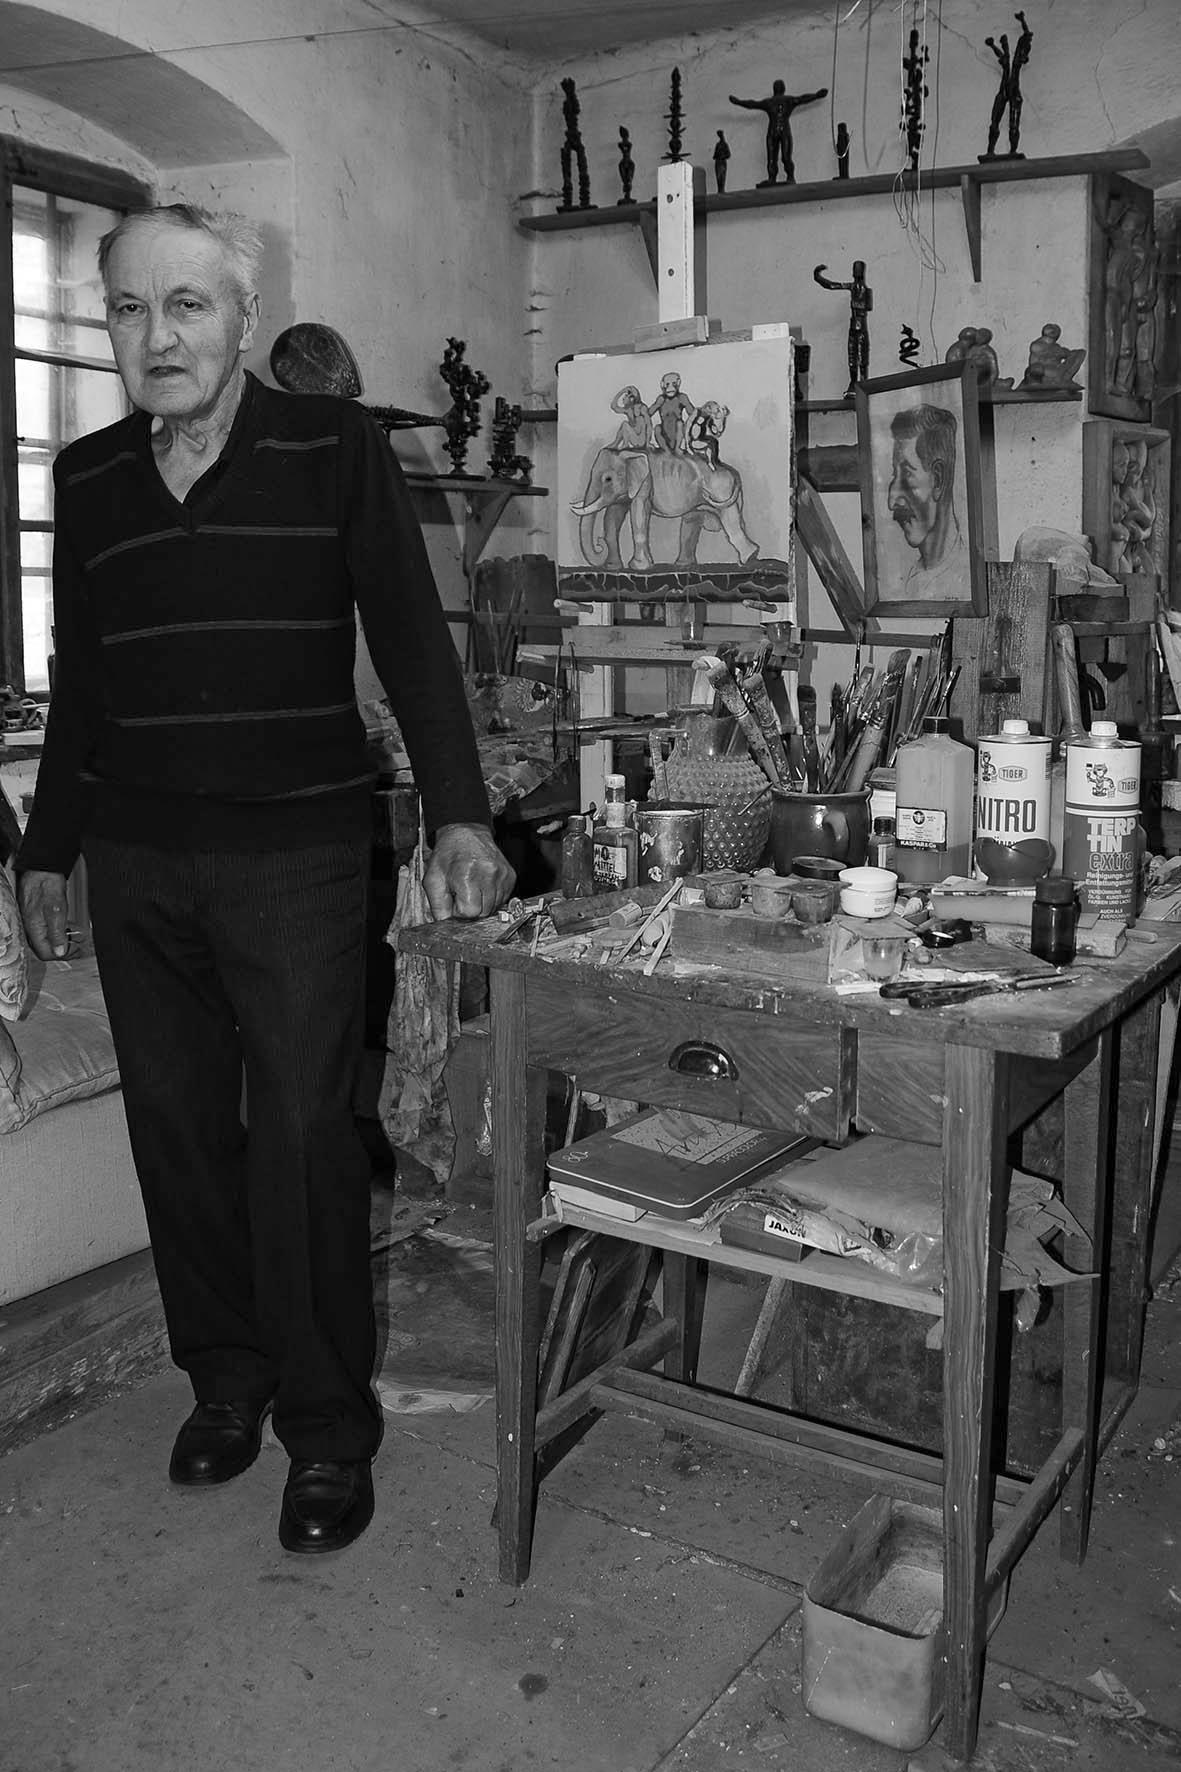 Wotruba Schüler Prof. Alfred Kurz (1929-2015), in seinem Atelier in Wietzen/NÖ, am 31.07.2012